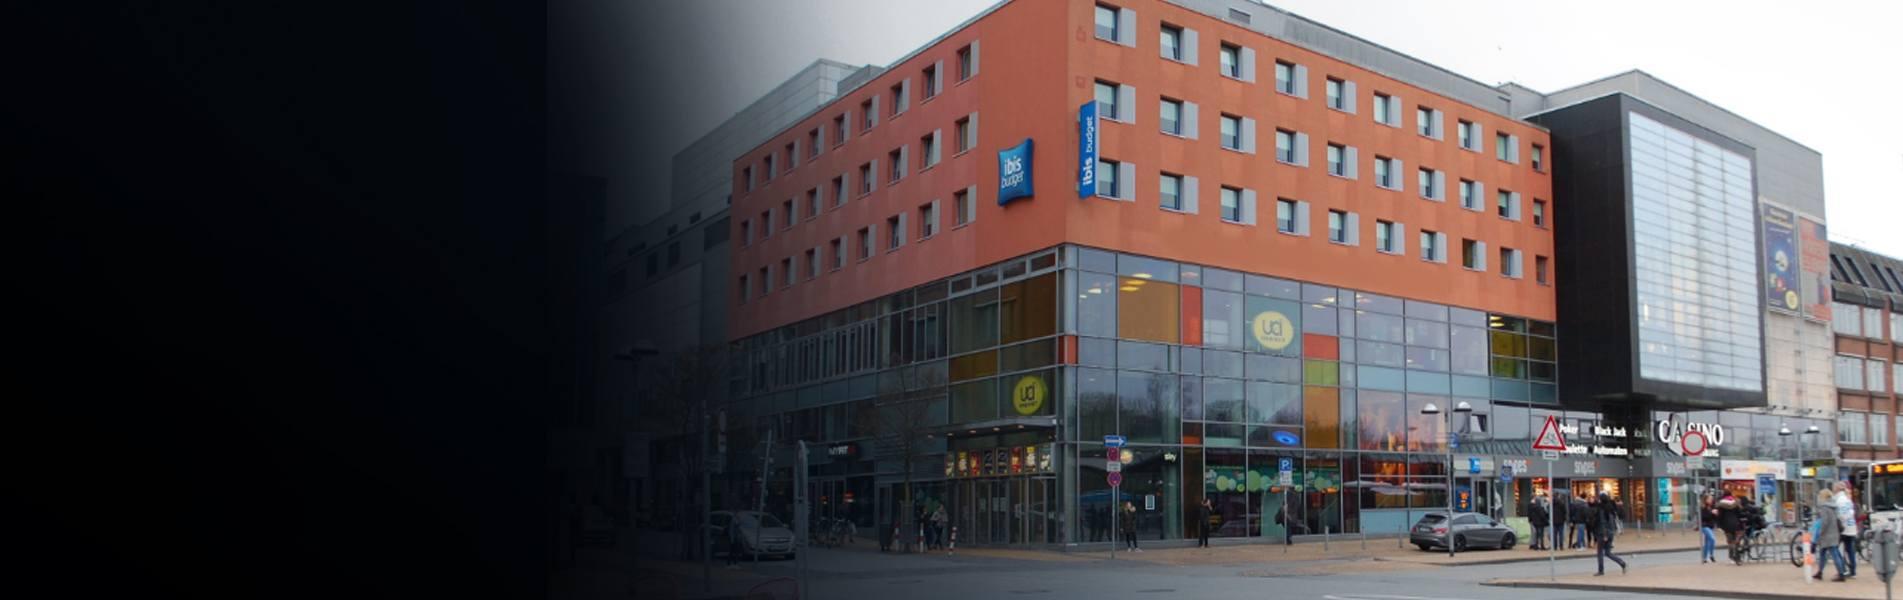 Spielbanken Deutschland -875483